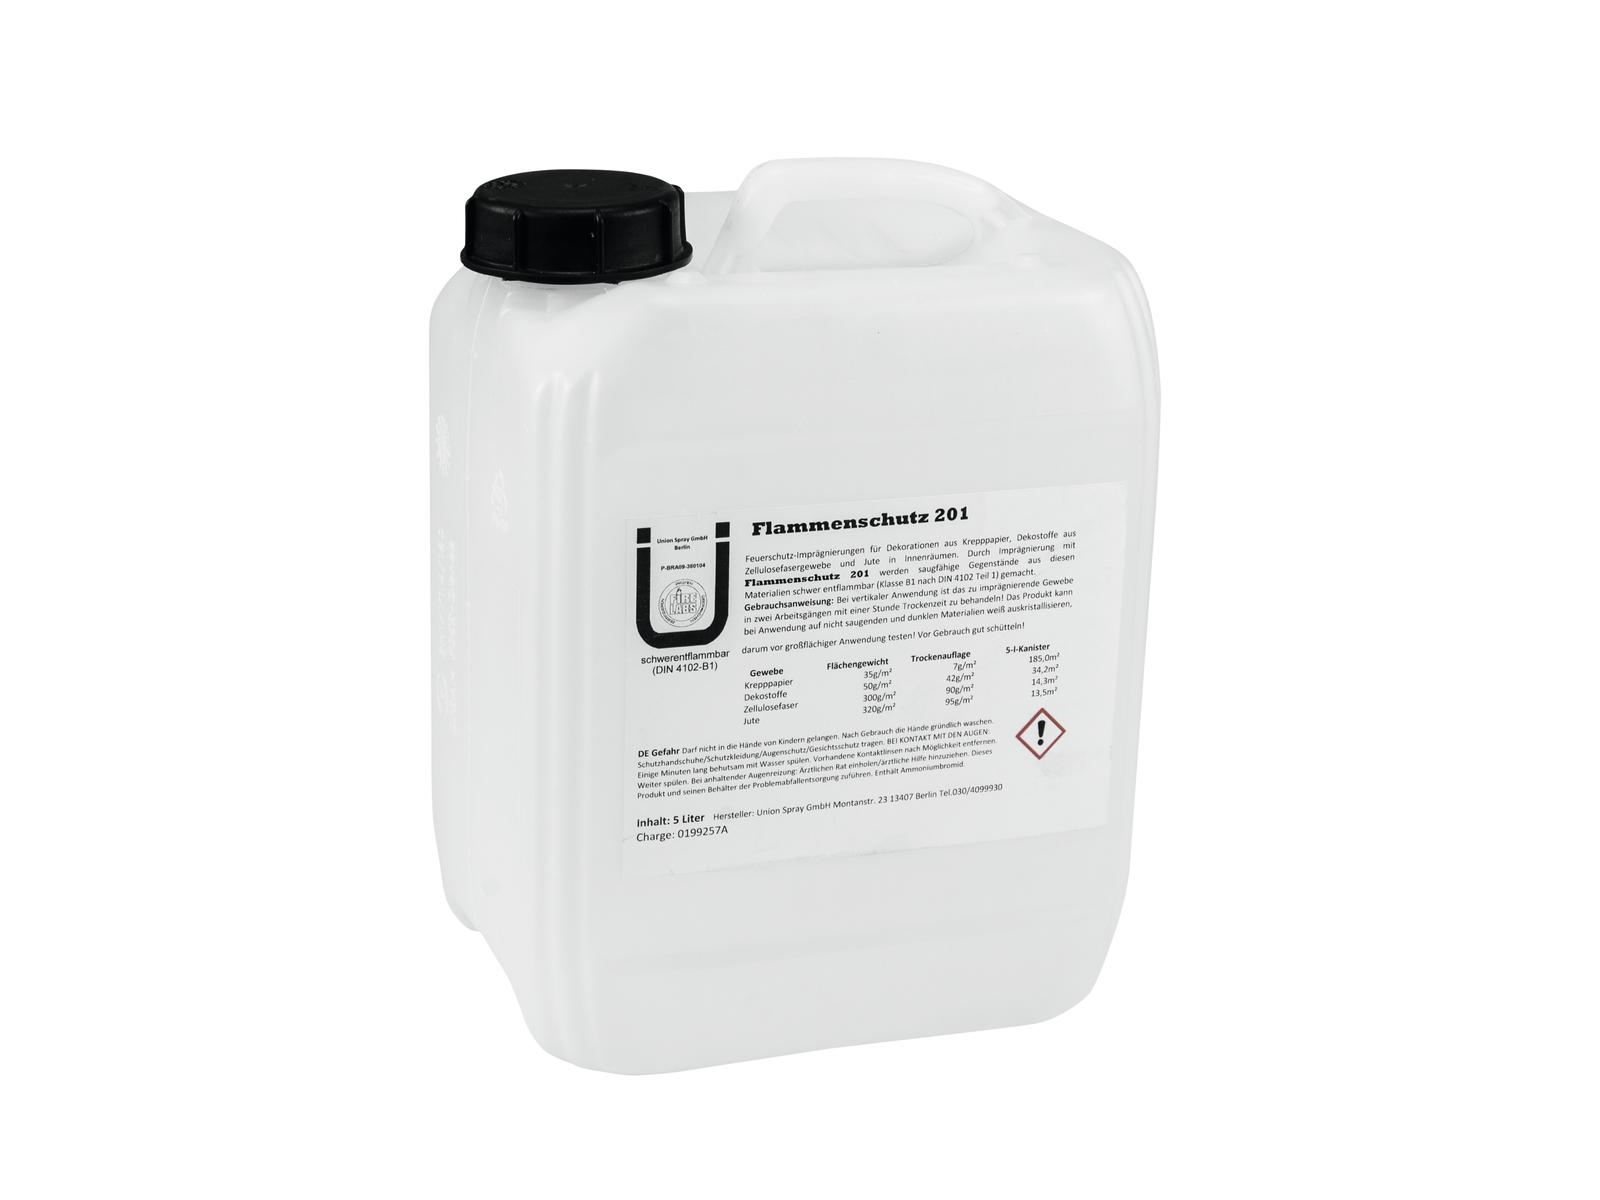 Protipožární sprej DIN4102/B1, 10 ltr.